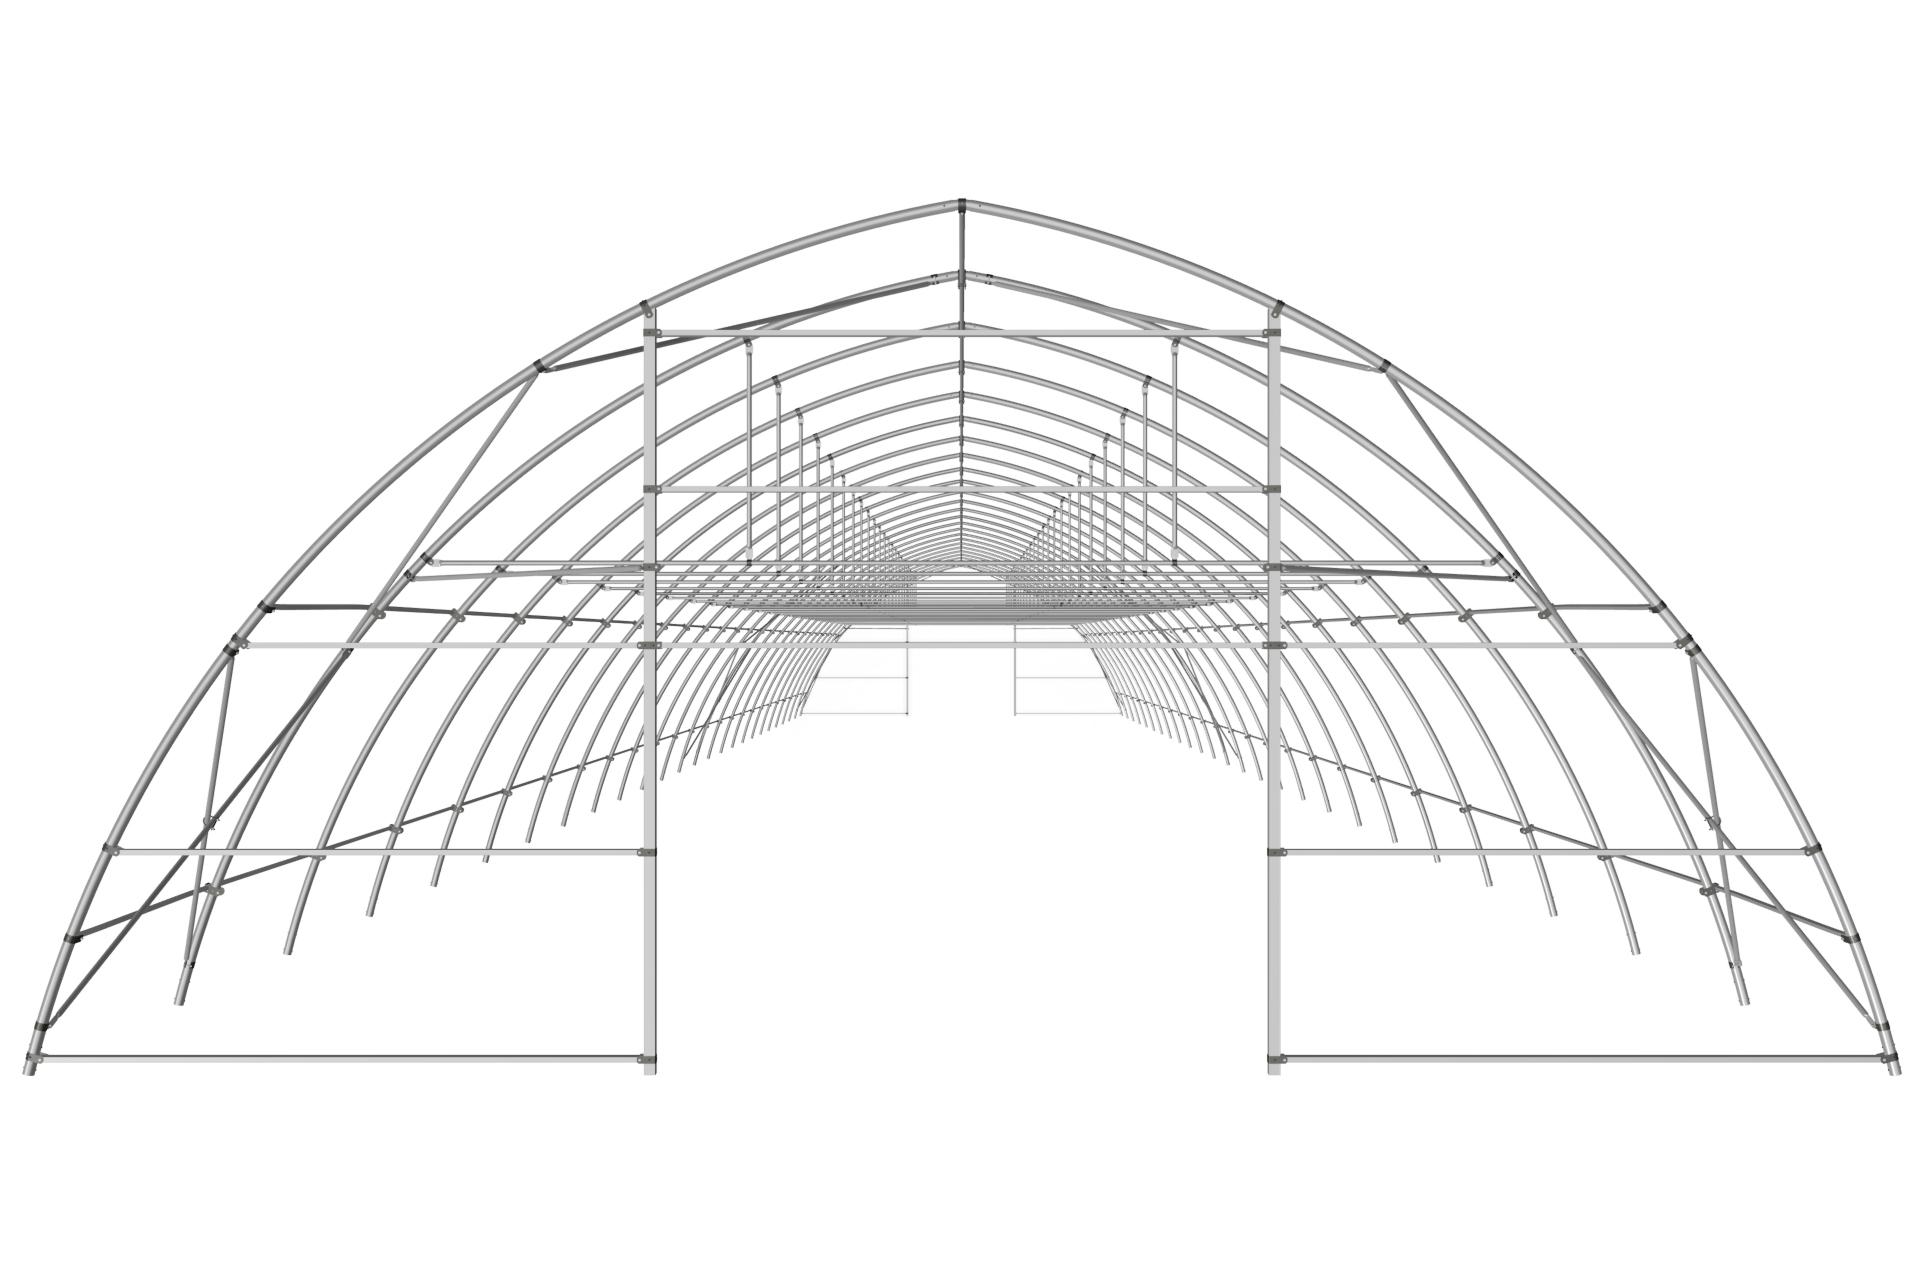 Теплица туннельная арочная 9,6х4,5 м